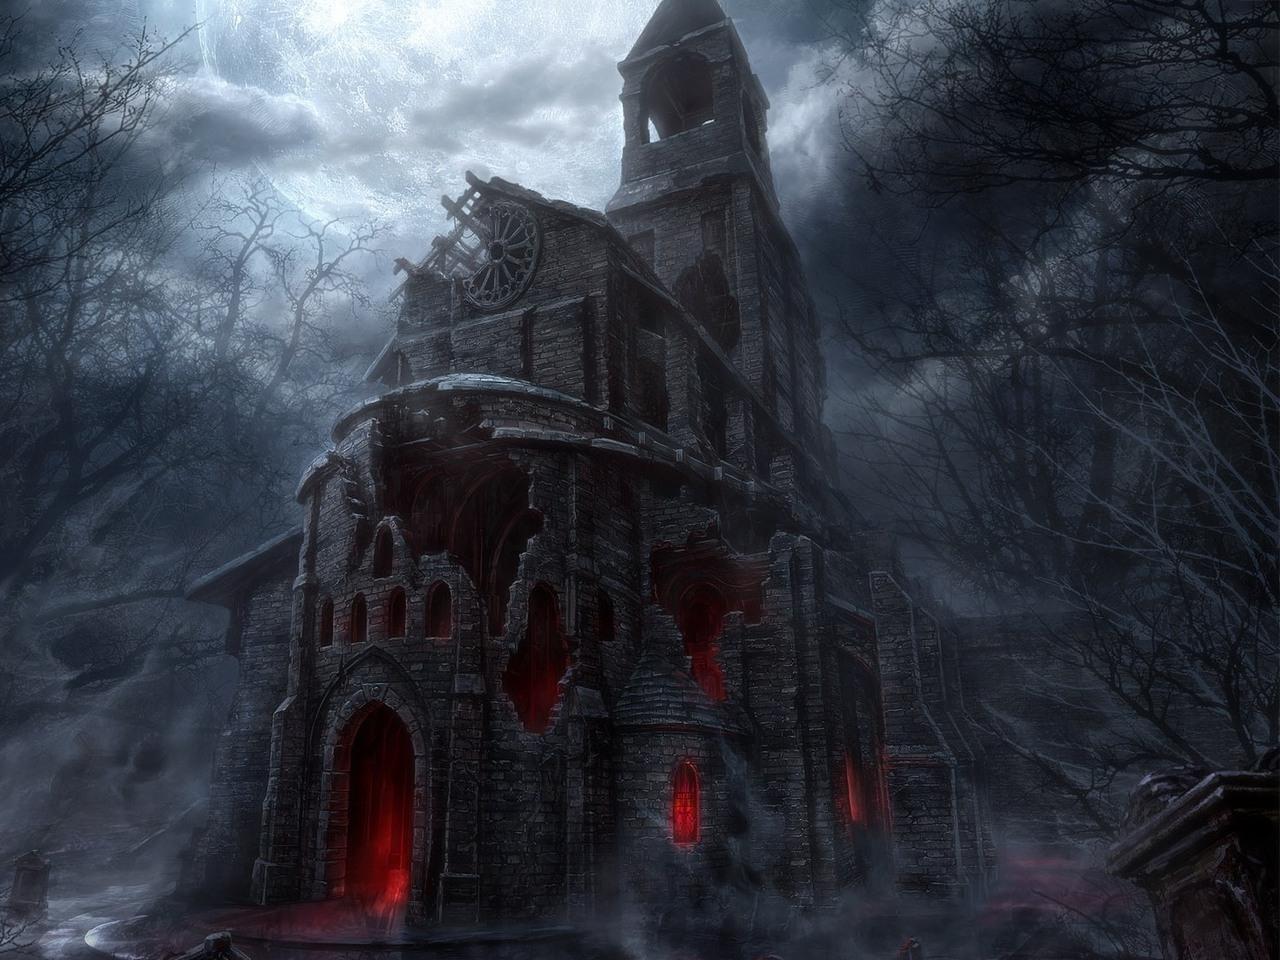 Ulaz 15 - Page 2 Haunted-House-halloween-16050669-1280-960